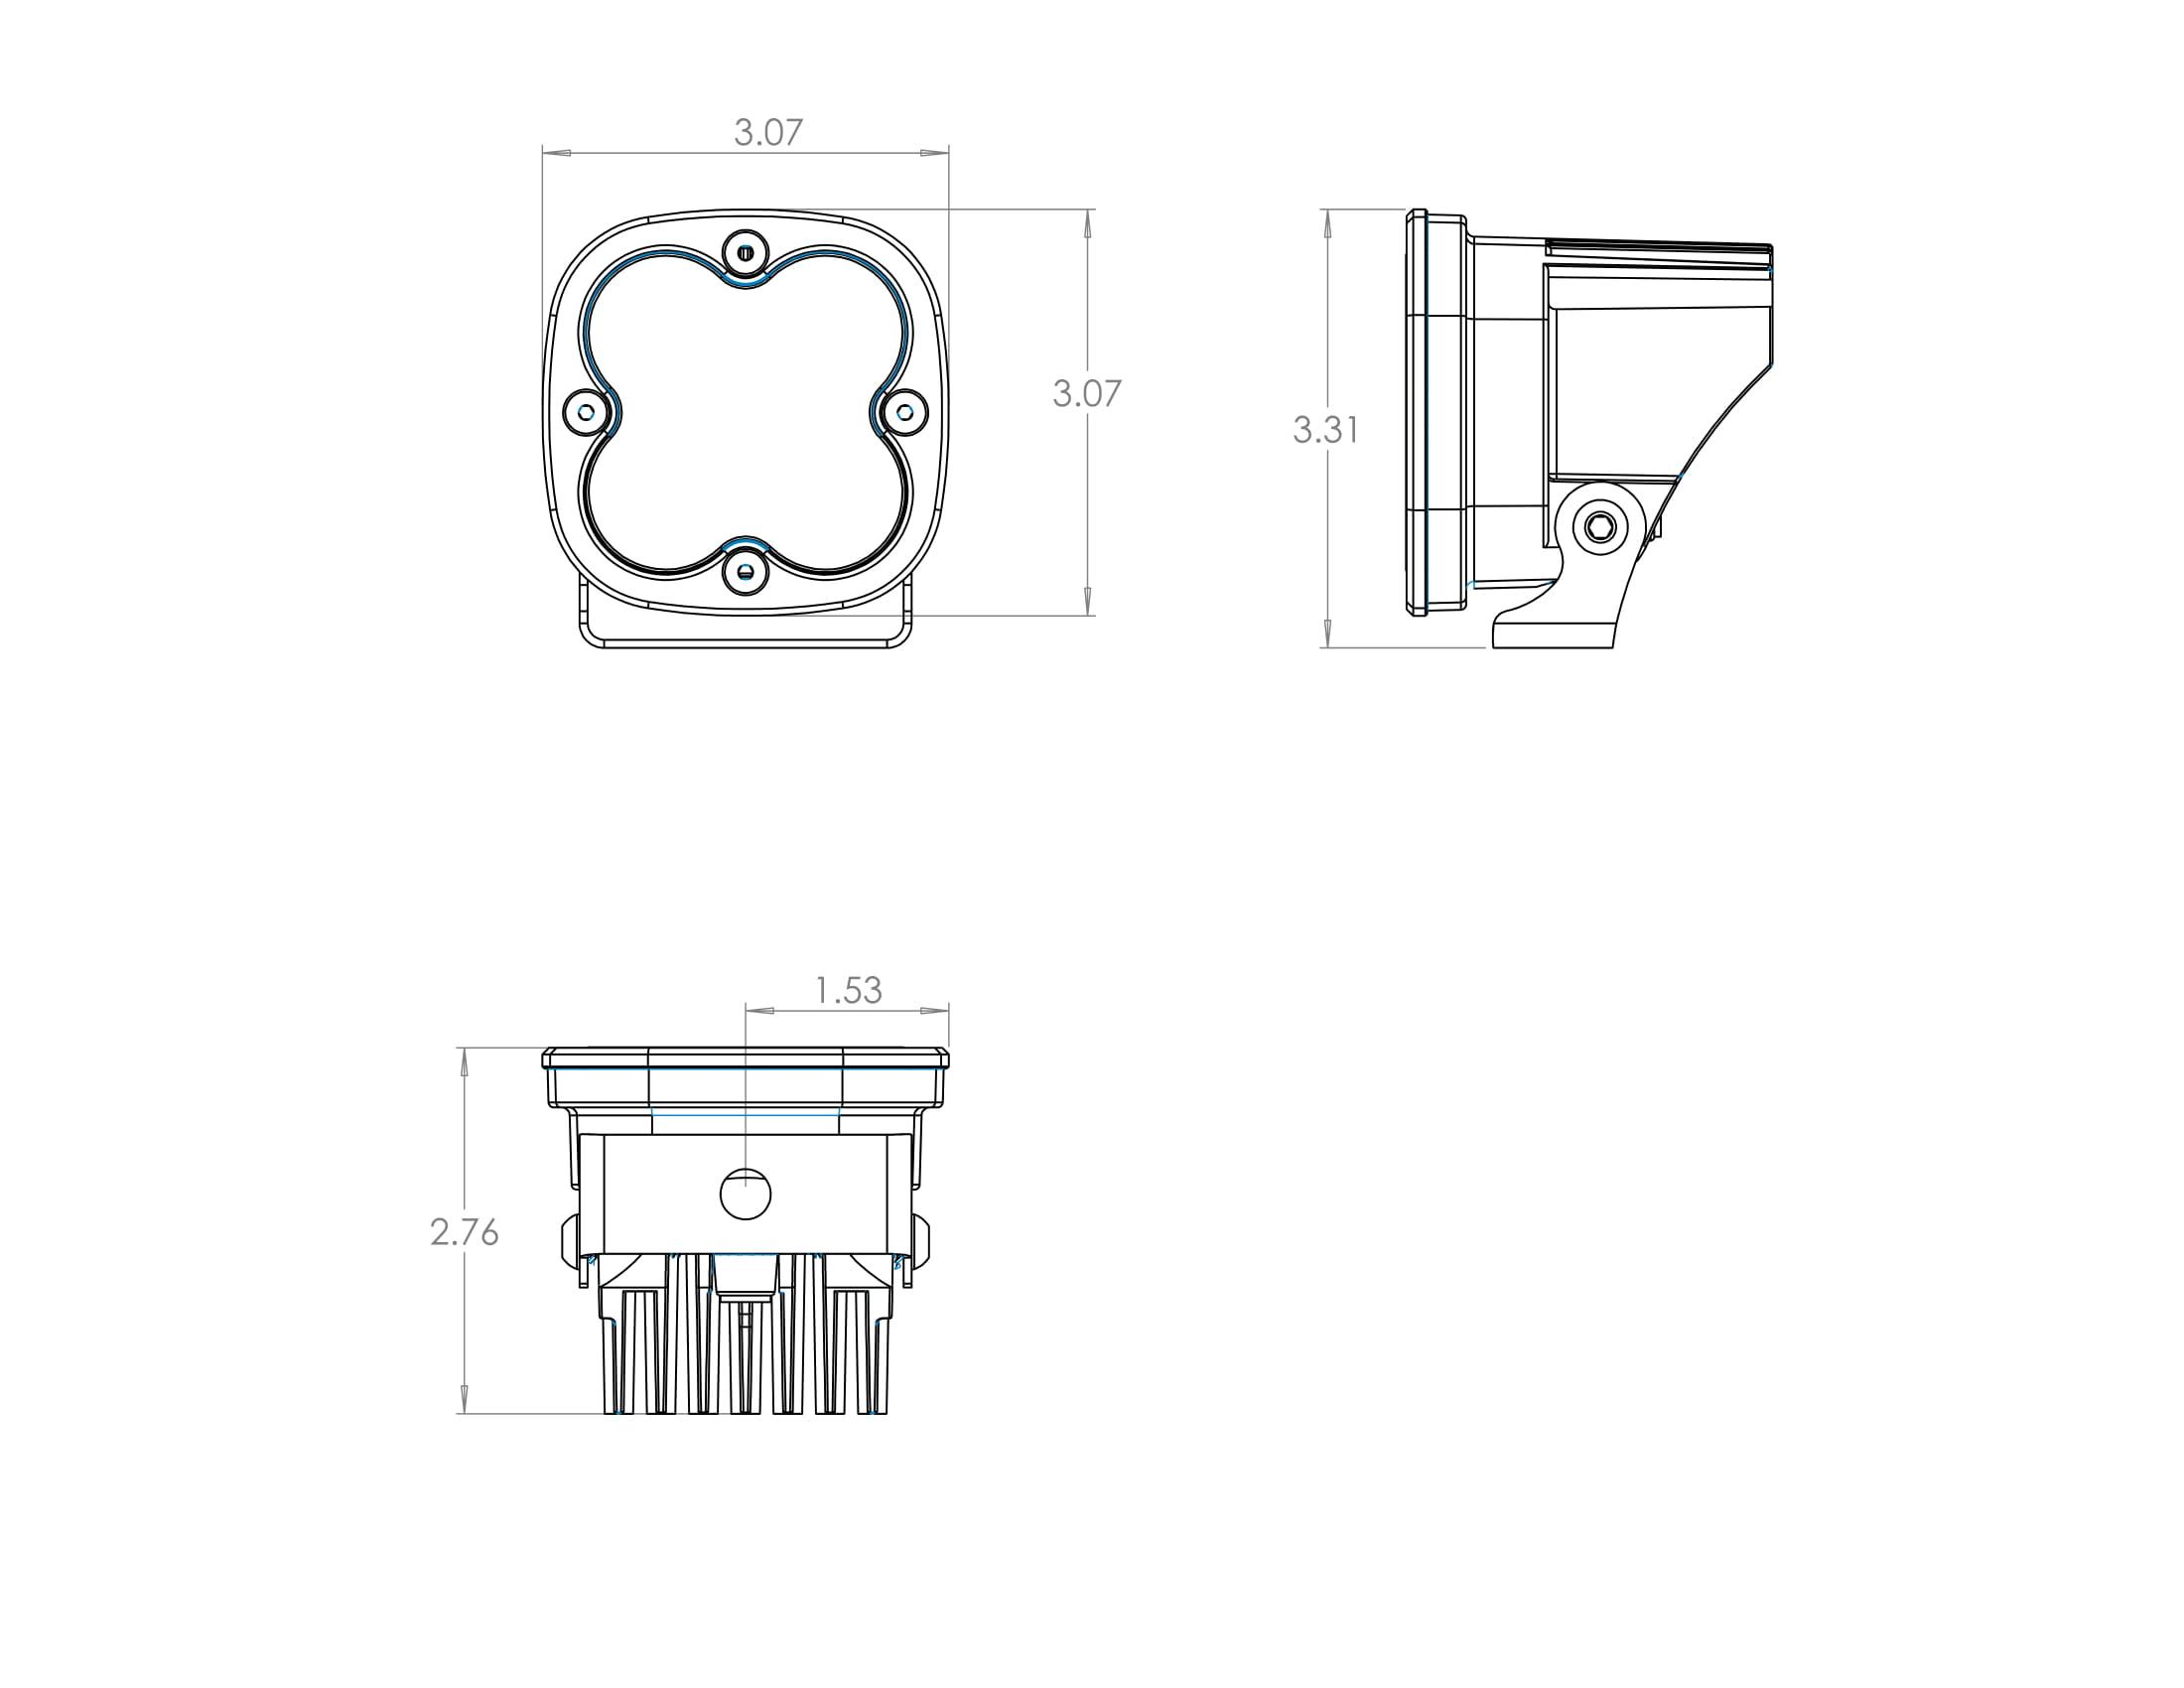 Baja Designs Xl80 80 Watt Led Auxiliary Light Pair W Harness